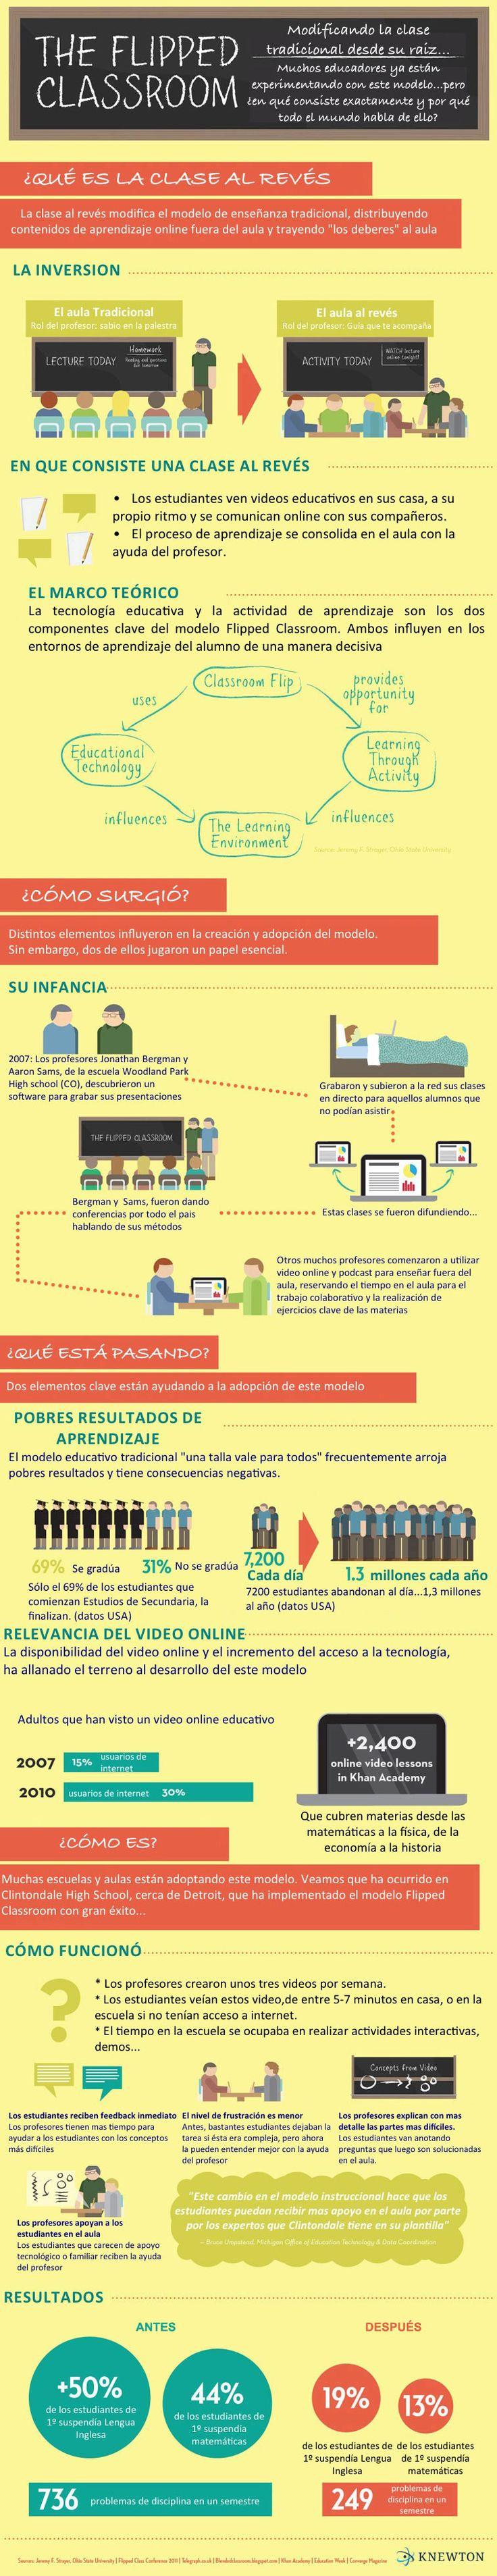 Infografía – The Flipped Classroom | The Flipped Classroom